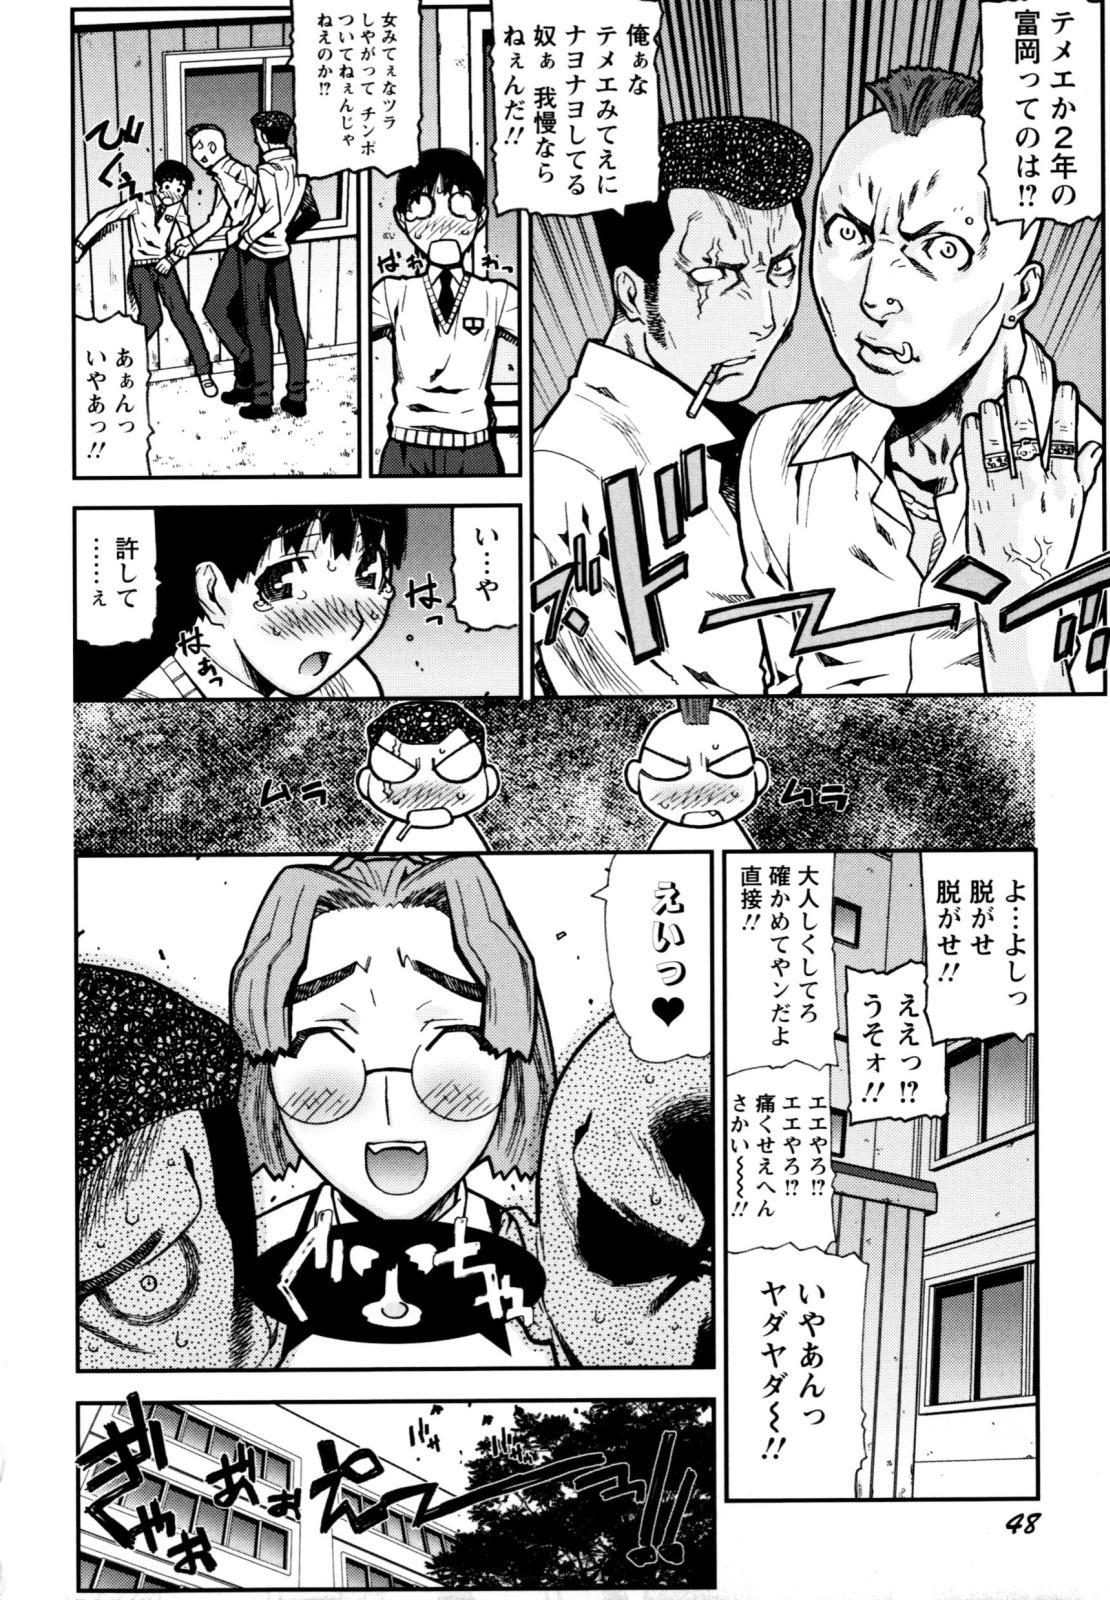 Fukuro no Nakami 51